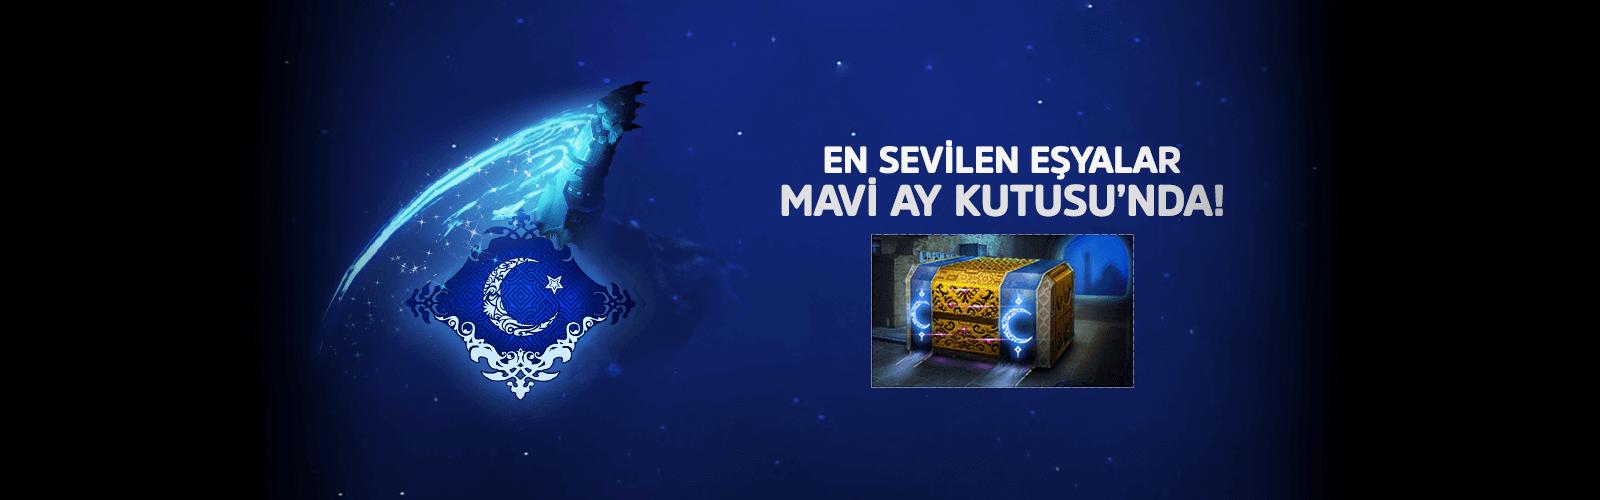 Mavi Ay Kutusu Premium Dükkan'da!